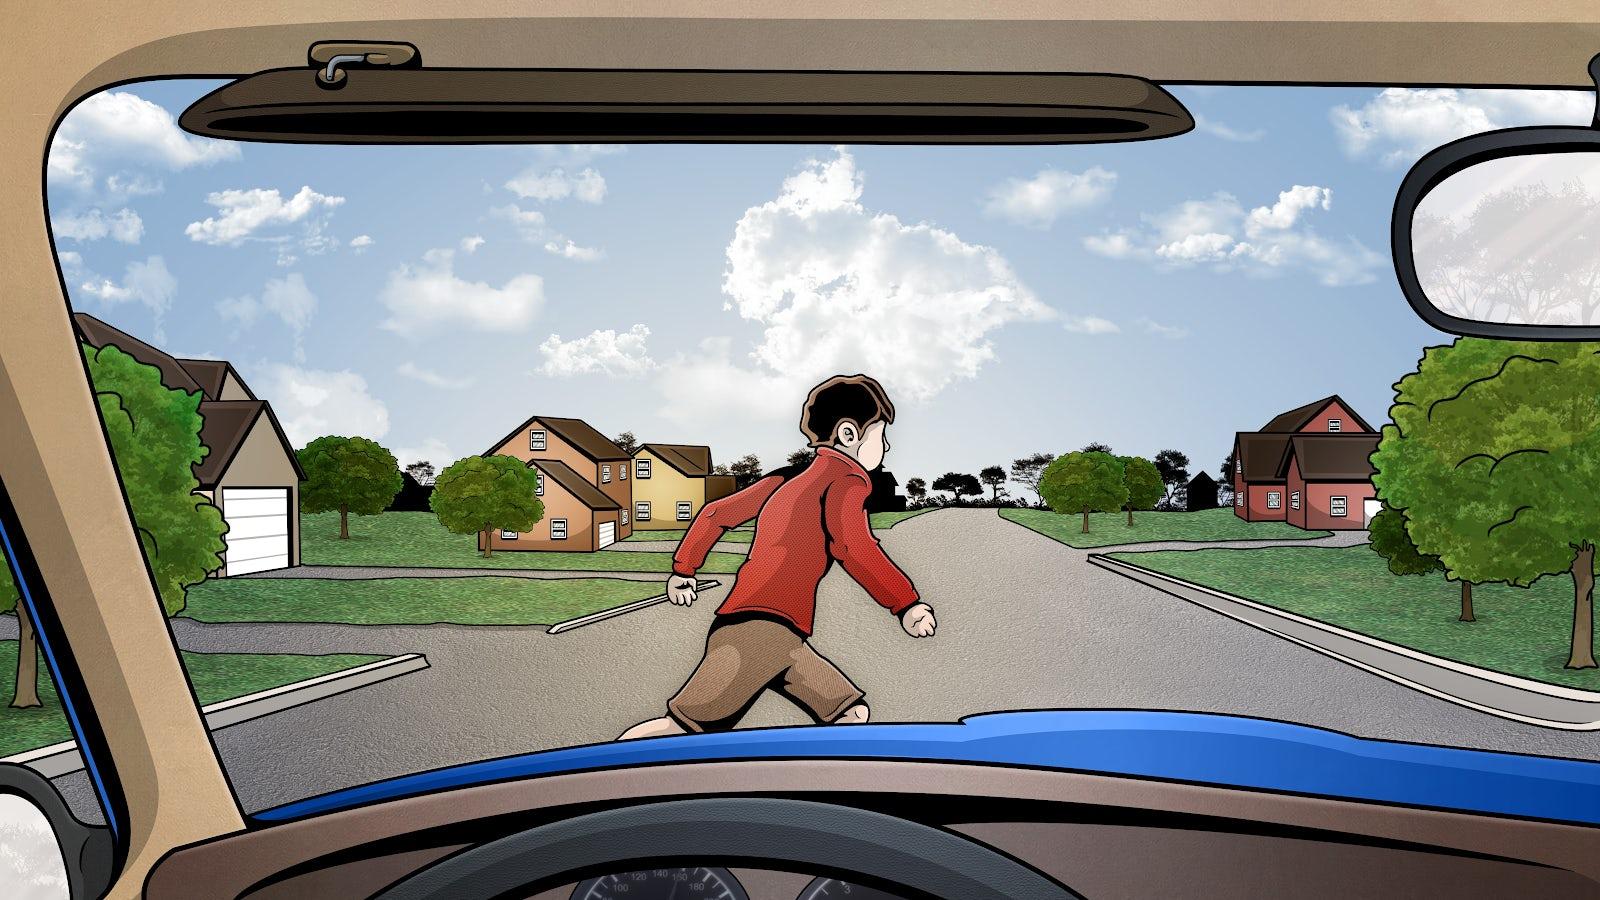 Barn springer ut i gatan framför en bil.